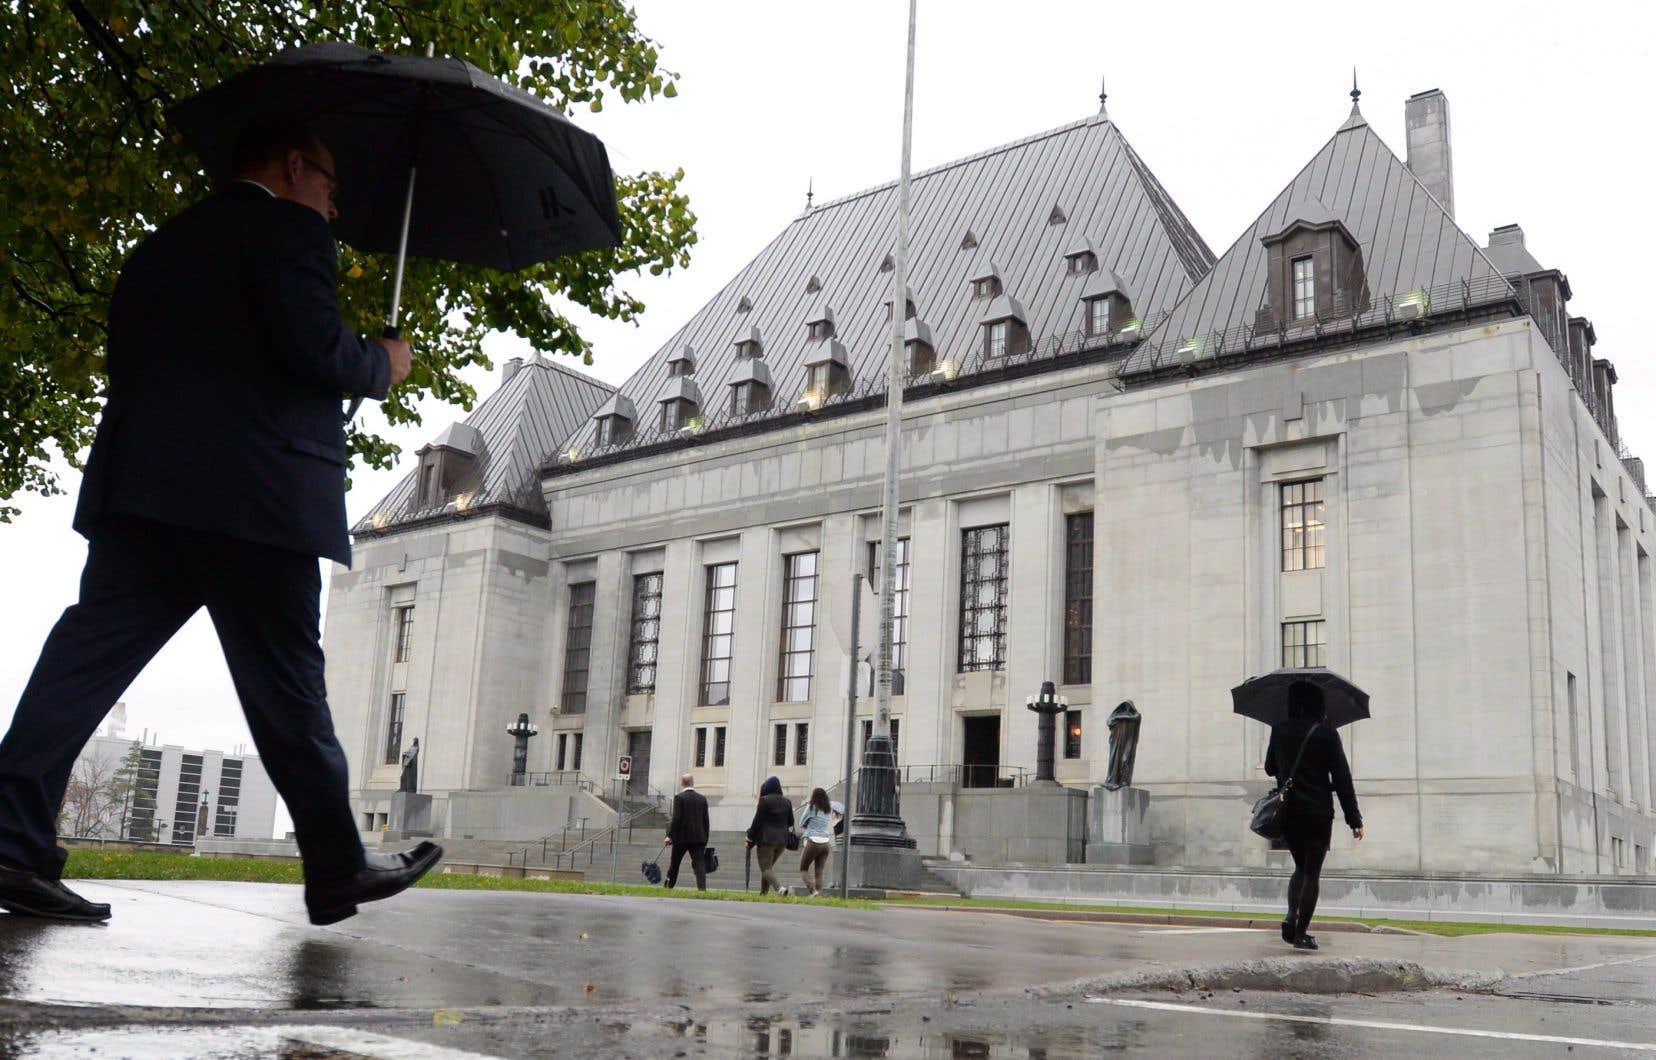 Sept juges de la Cour suprême ont conclu qu'il n'y avait aucune obligation de consulter pendant le processus législatif, mais ils ne se sont pas mis d'accord sur les raisons.